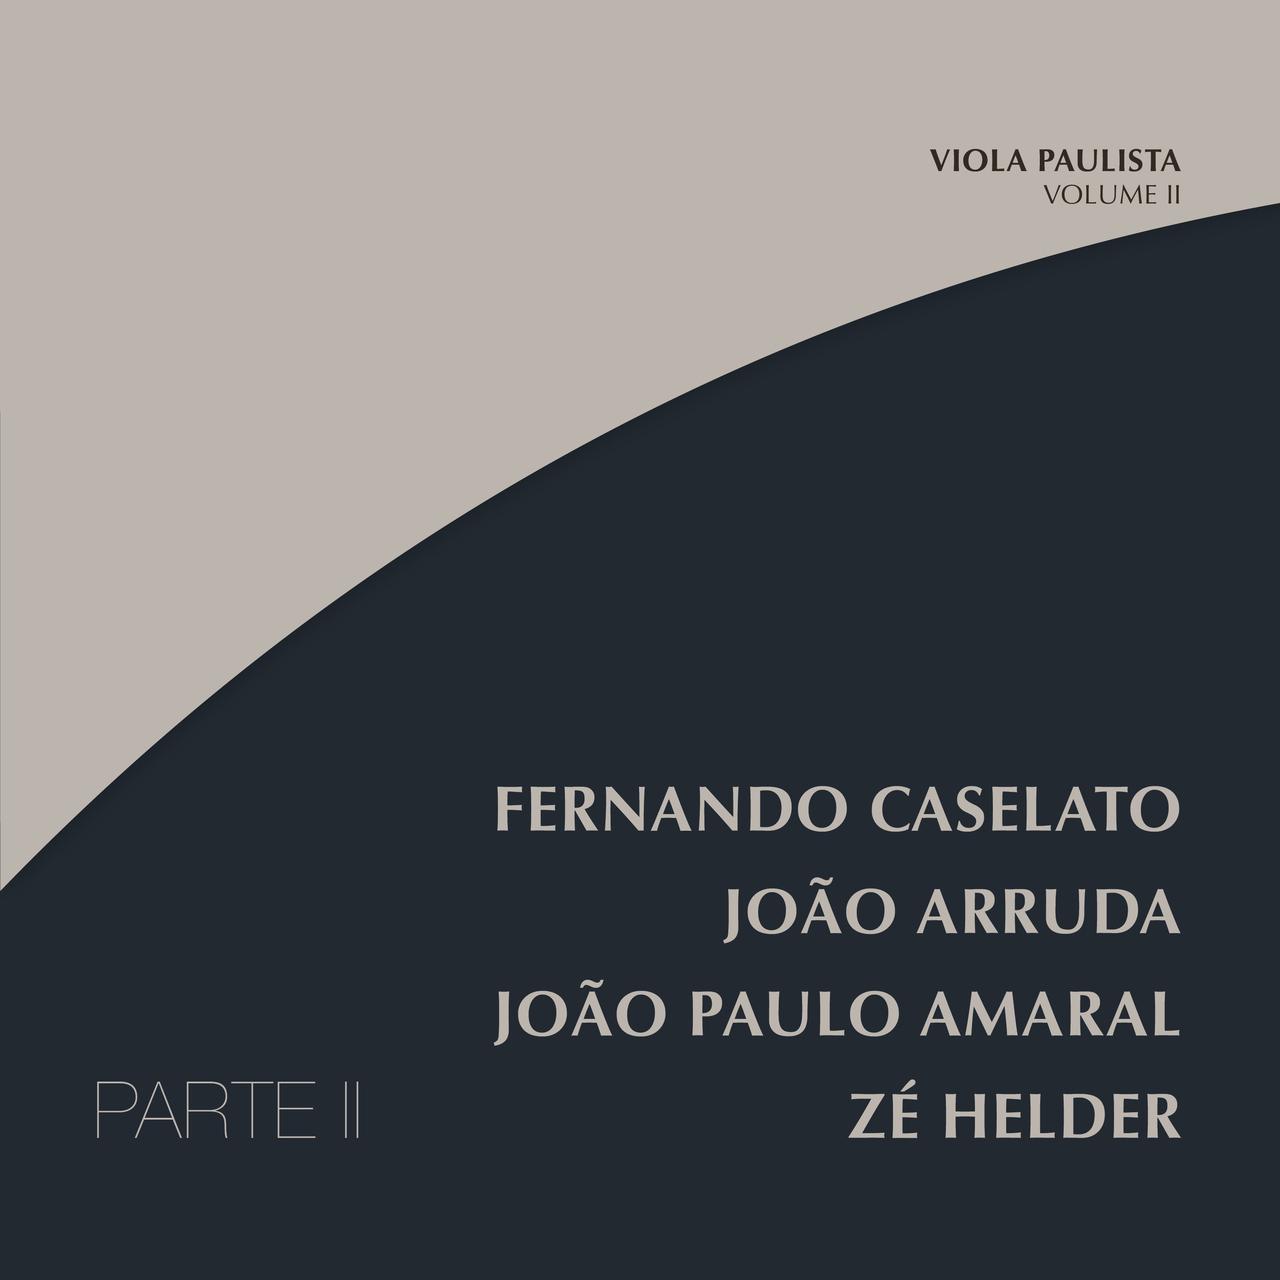 Selo Sesc lança o terceiro EP da coletânea Viola Paulista com tocadores da região sudeste do estado 42